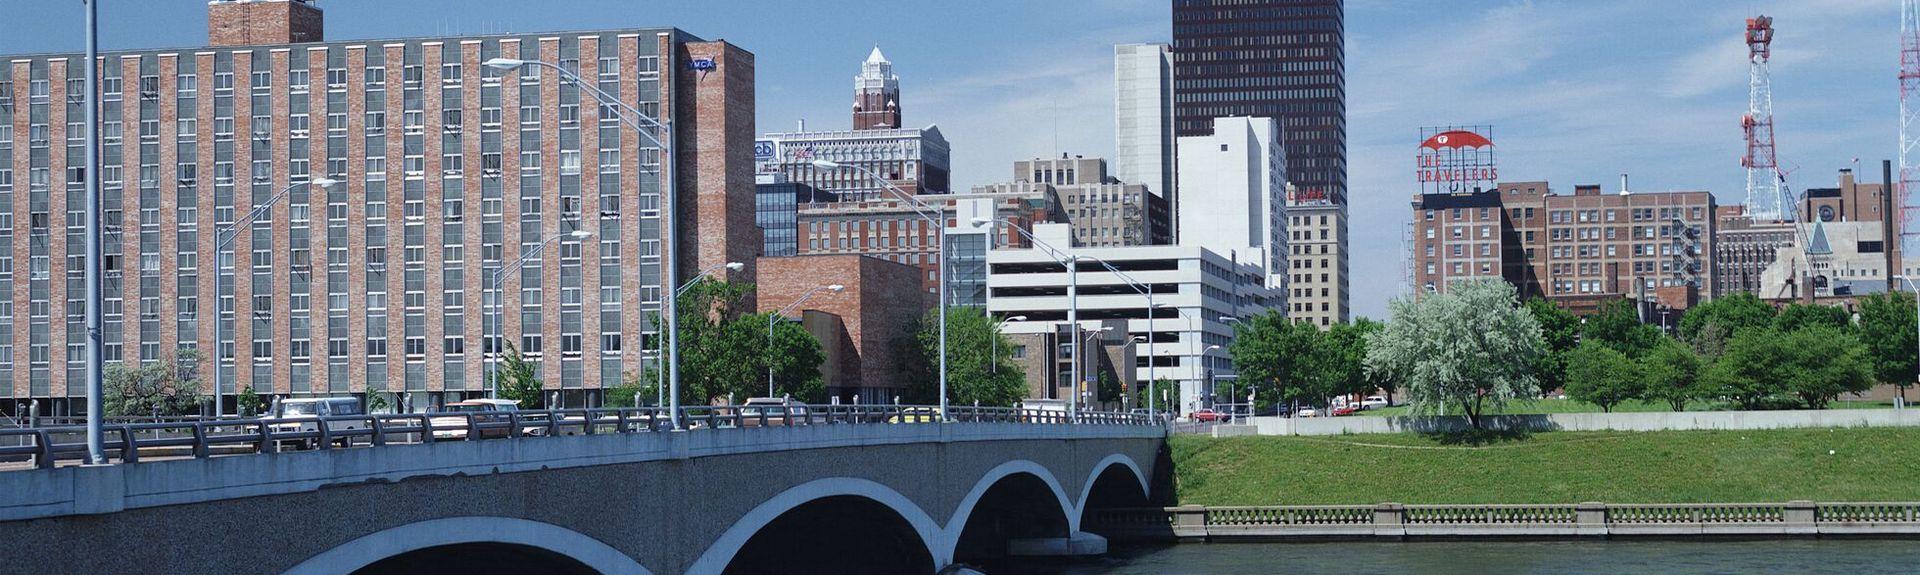 Des Moines, Iowa, États-Unis d'Amérique